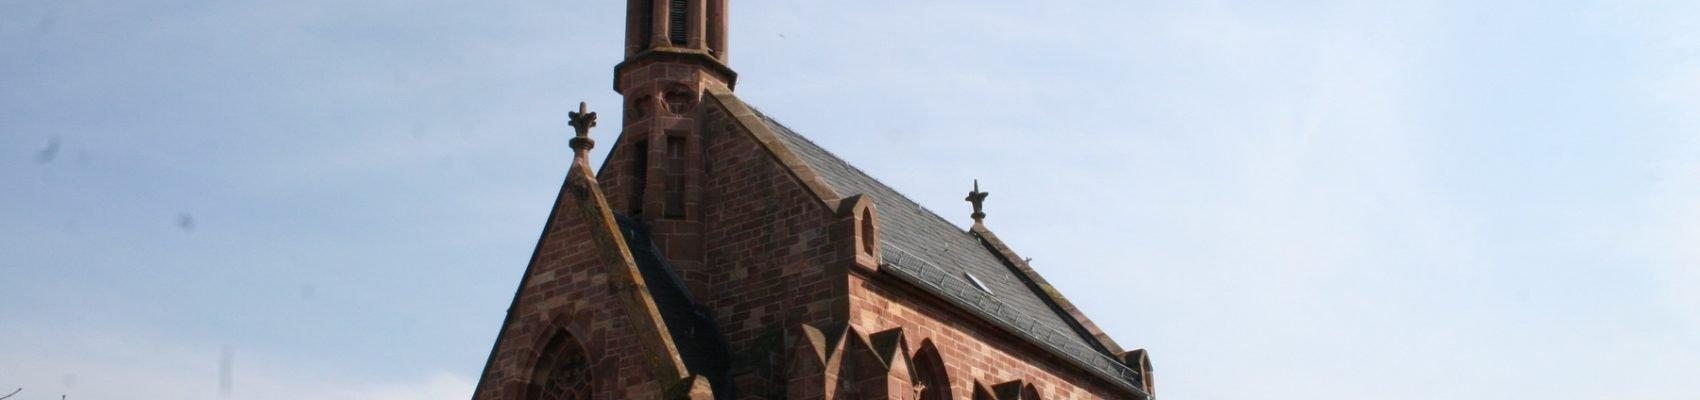 Sehenswürdigkeiten in Merzig: Evangelische Kirche Merzig – Église protestante de Merzig